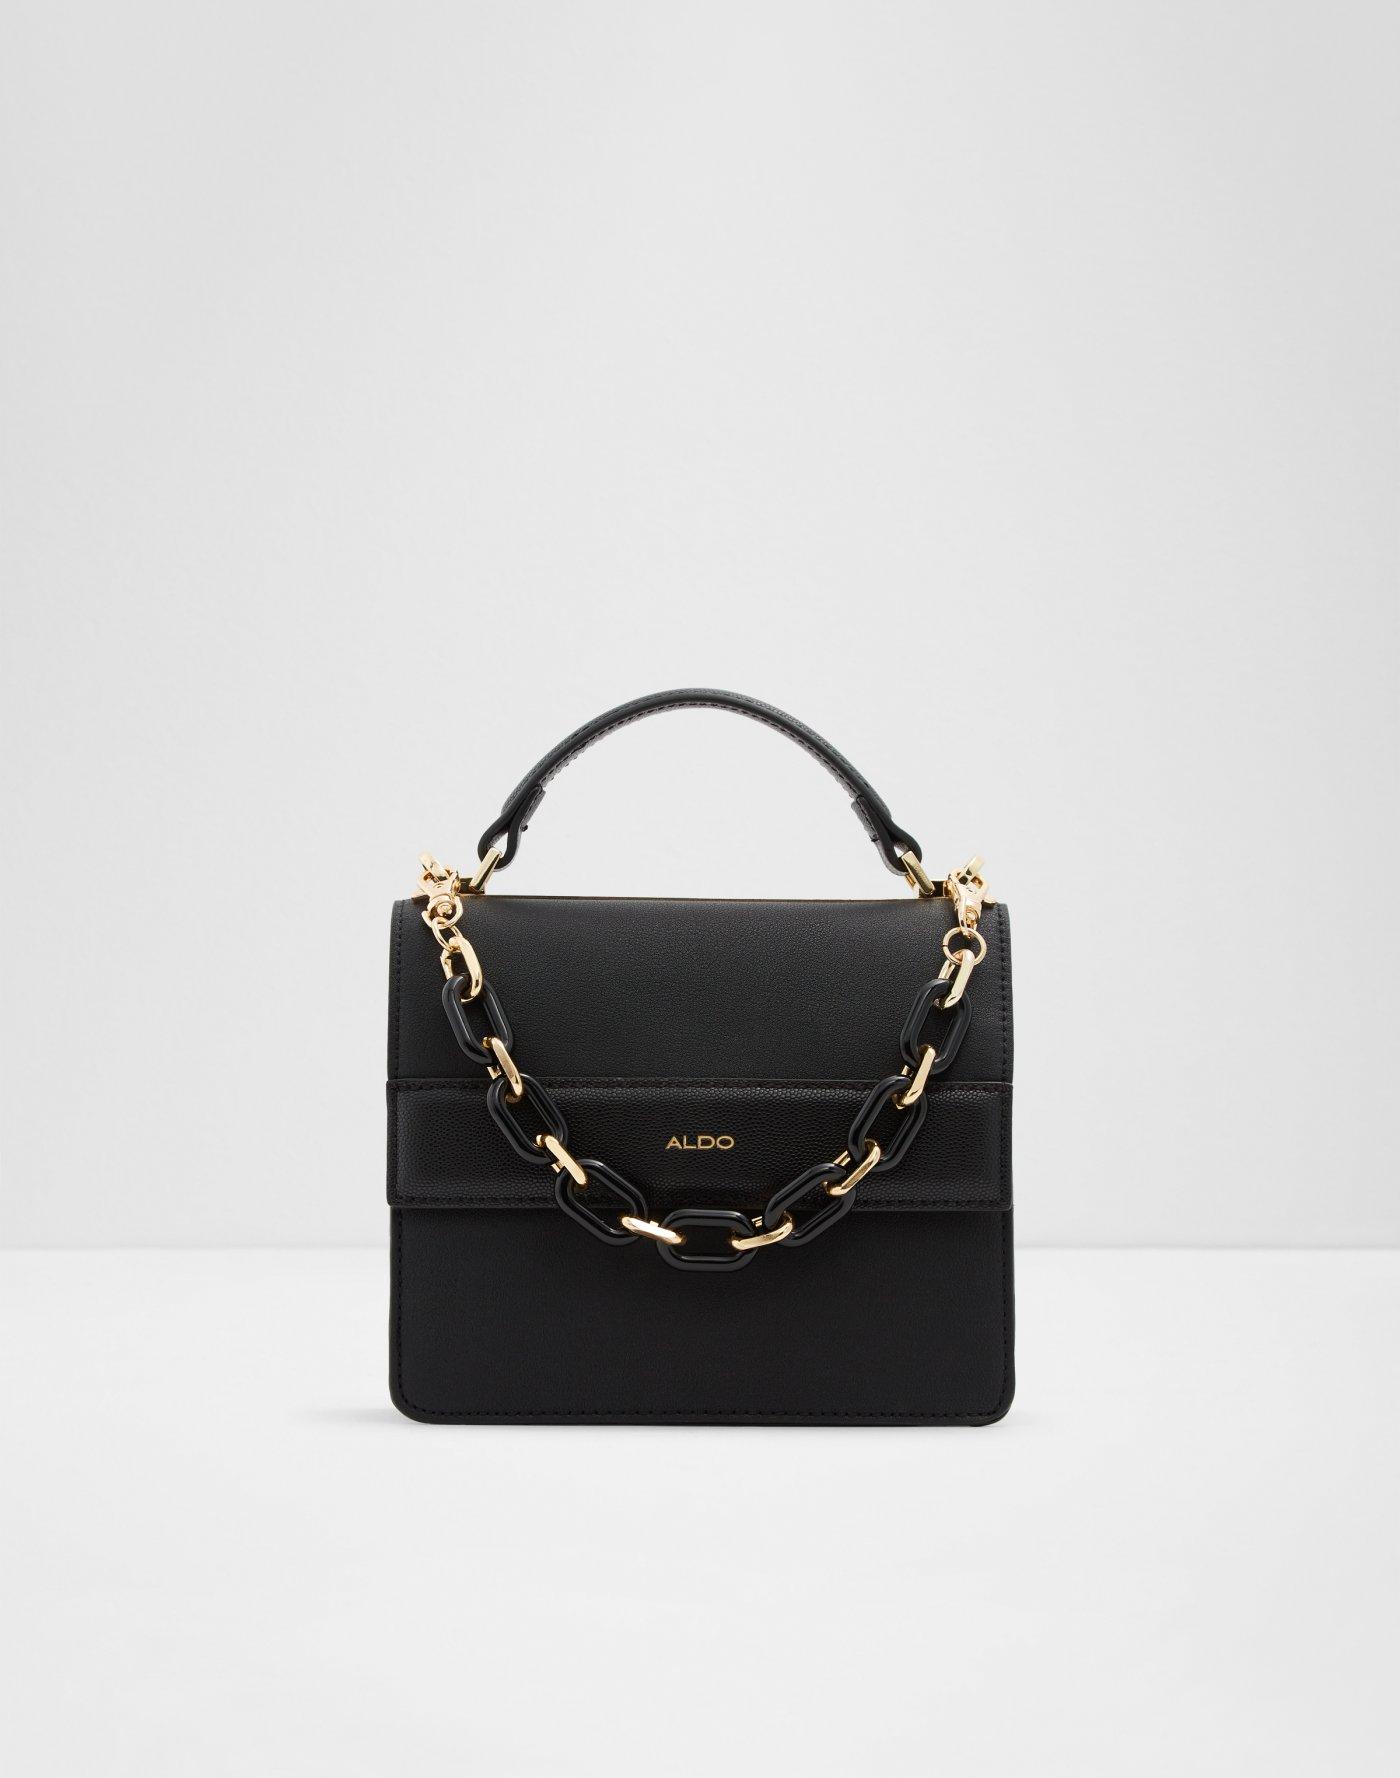 45d61d90dfc9 All Handbags | Aldoshoes.com US